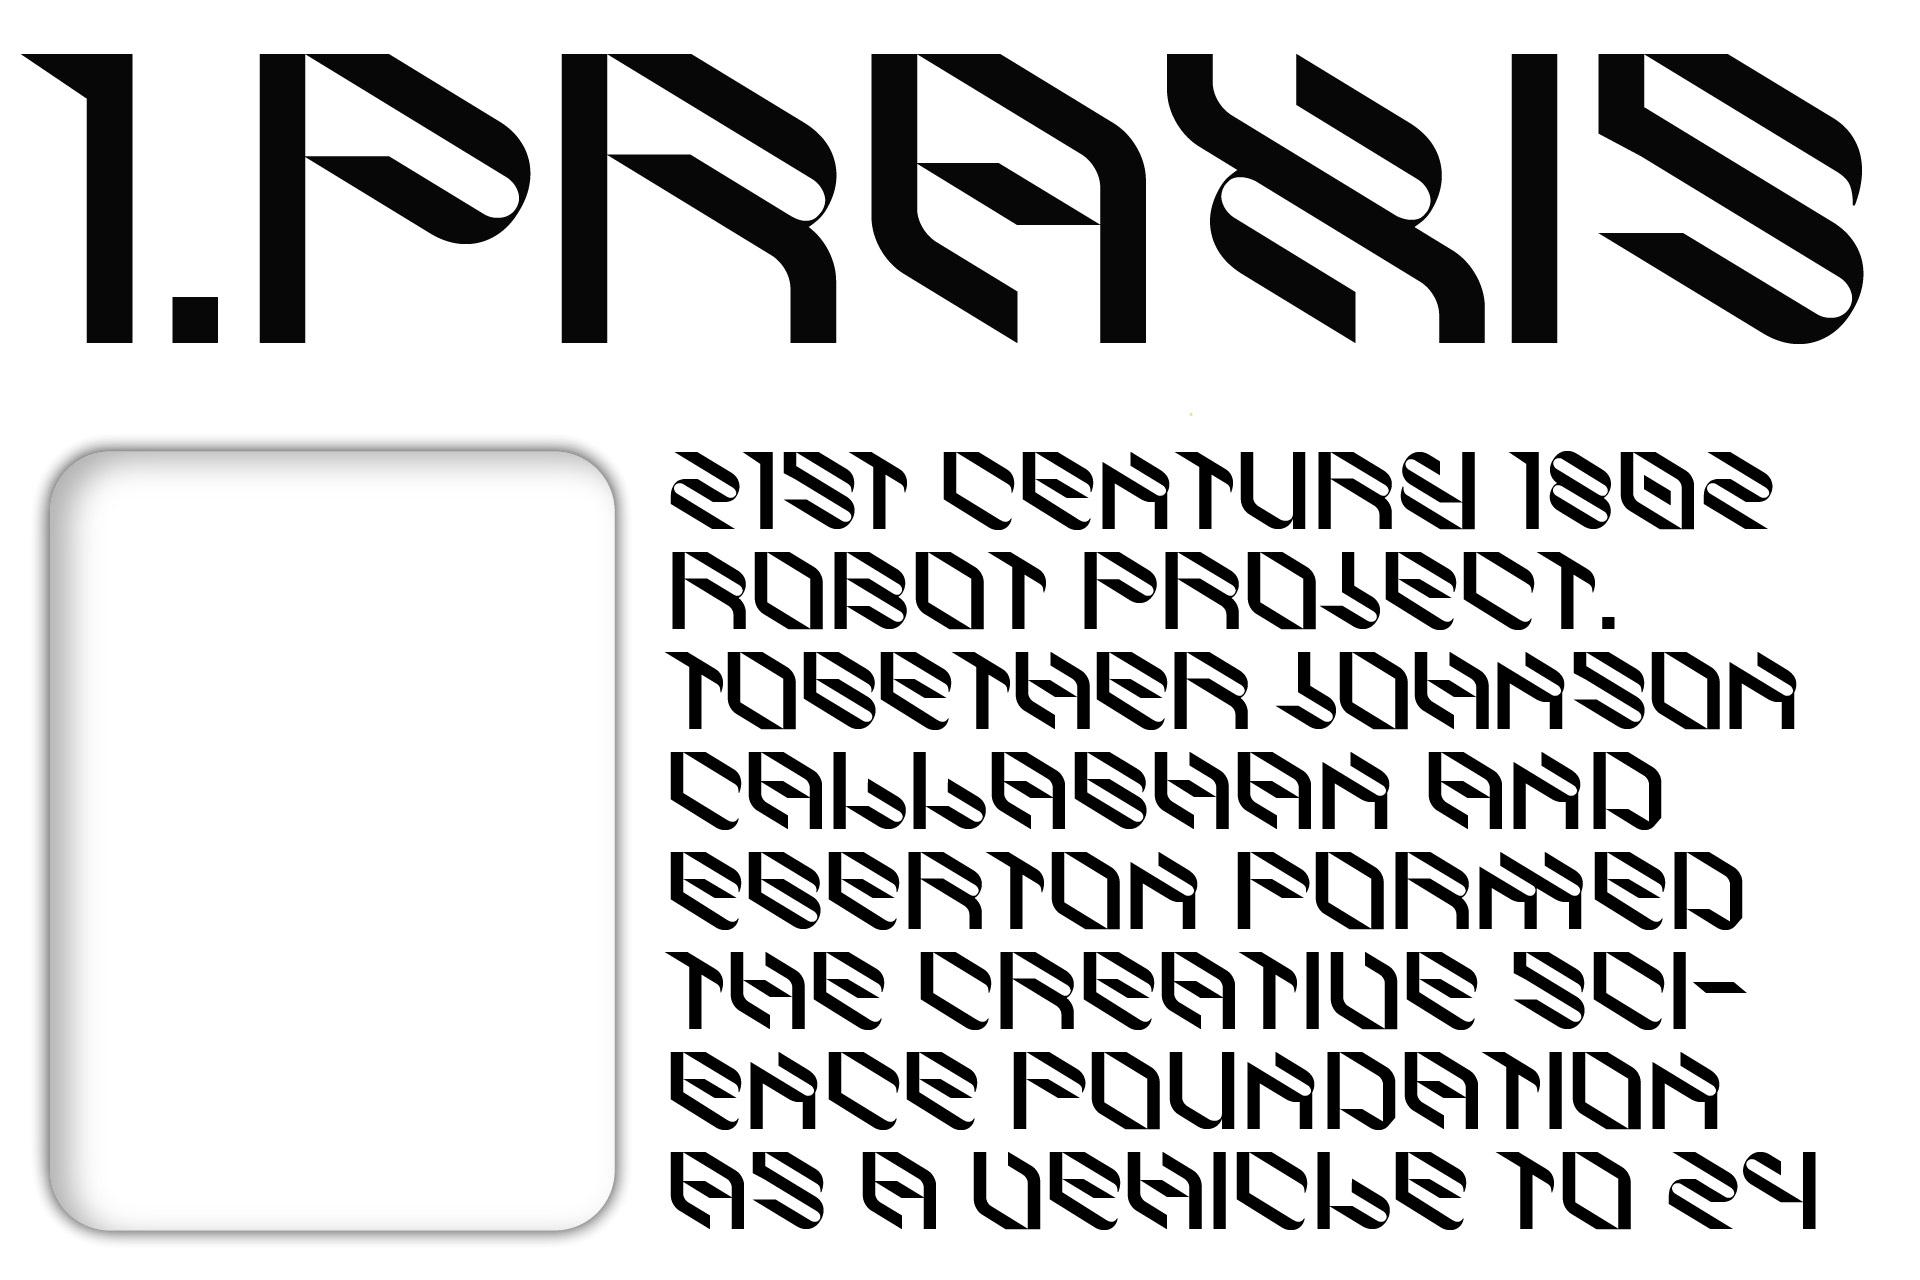 倾斜对角线英文字体下载 Eskos Typeface插图(13)